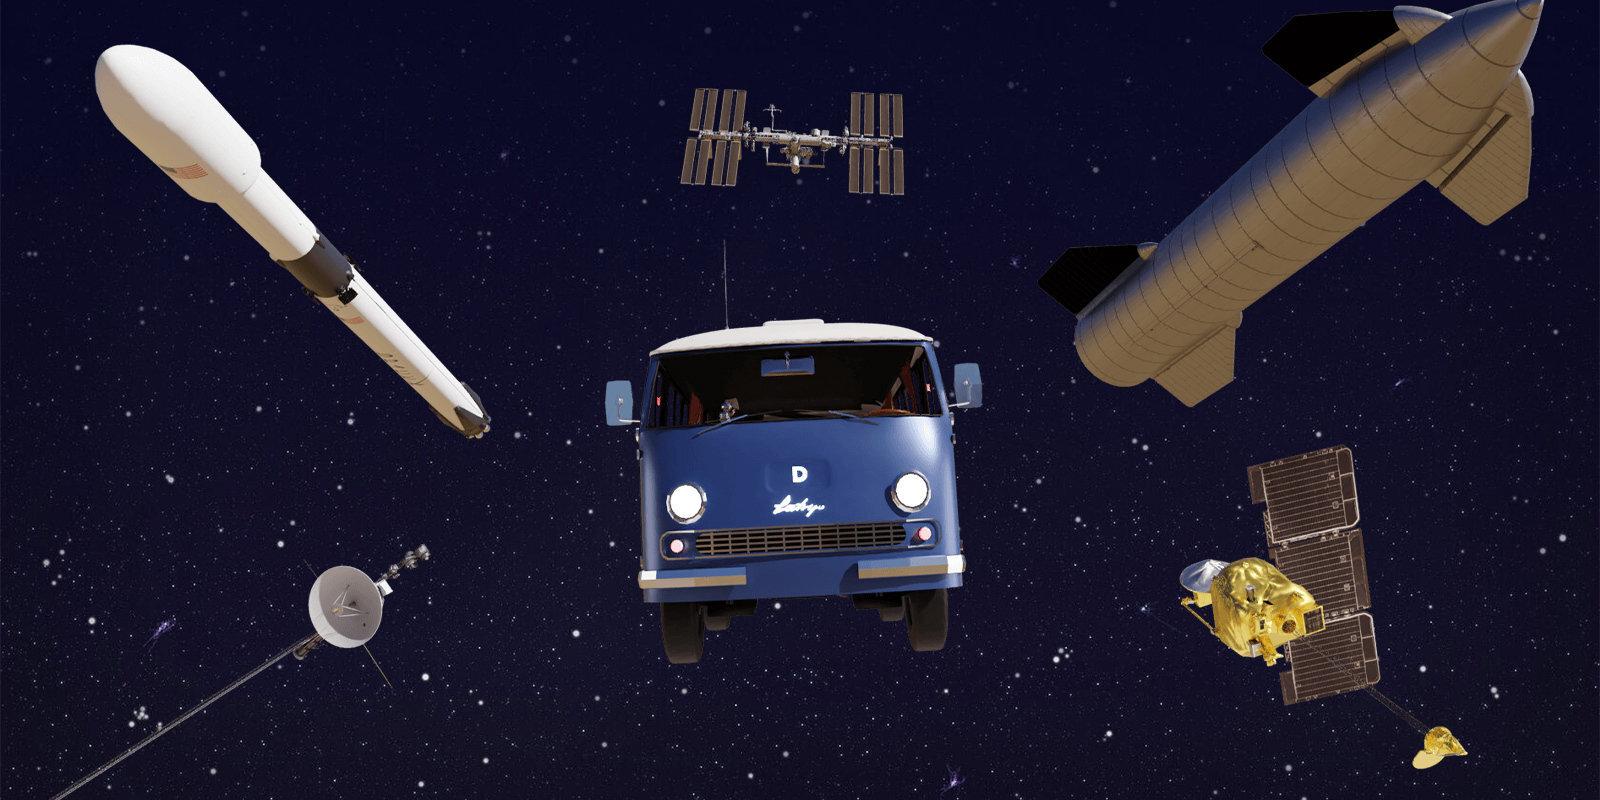 Земля 2.0. Завоевание Марса: от Вернера фон Брауна до Илона Маска